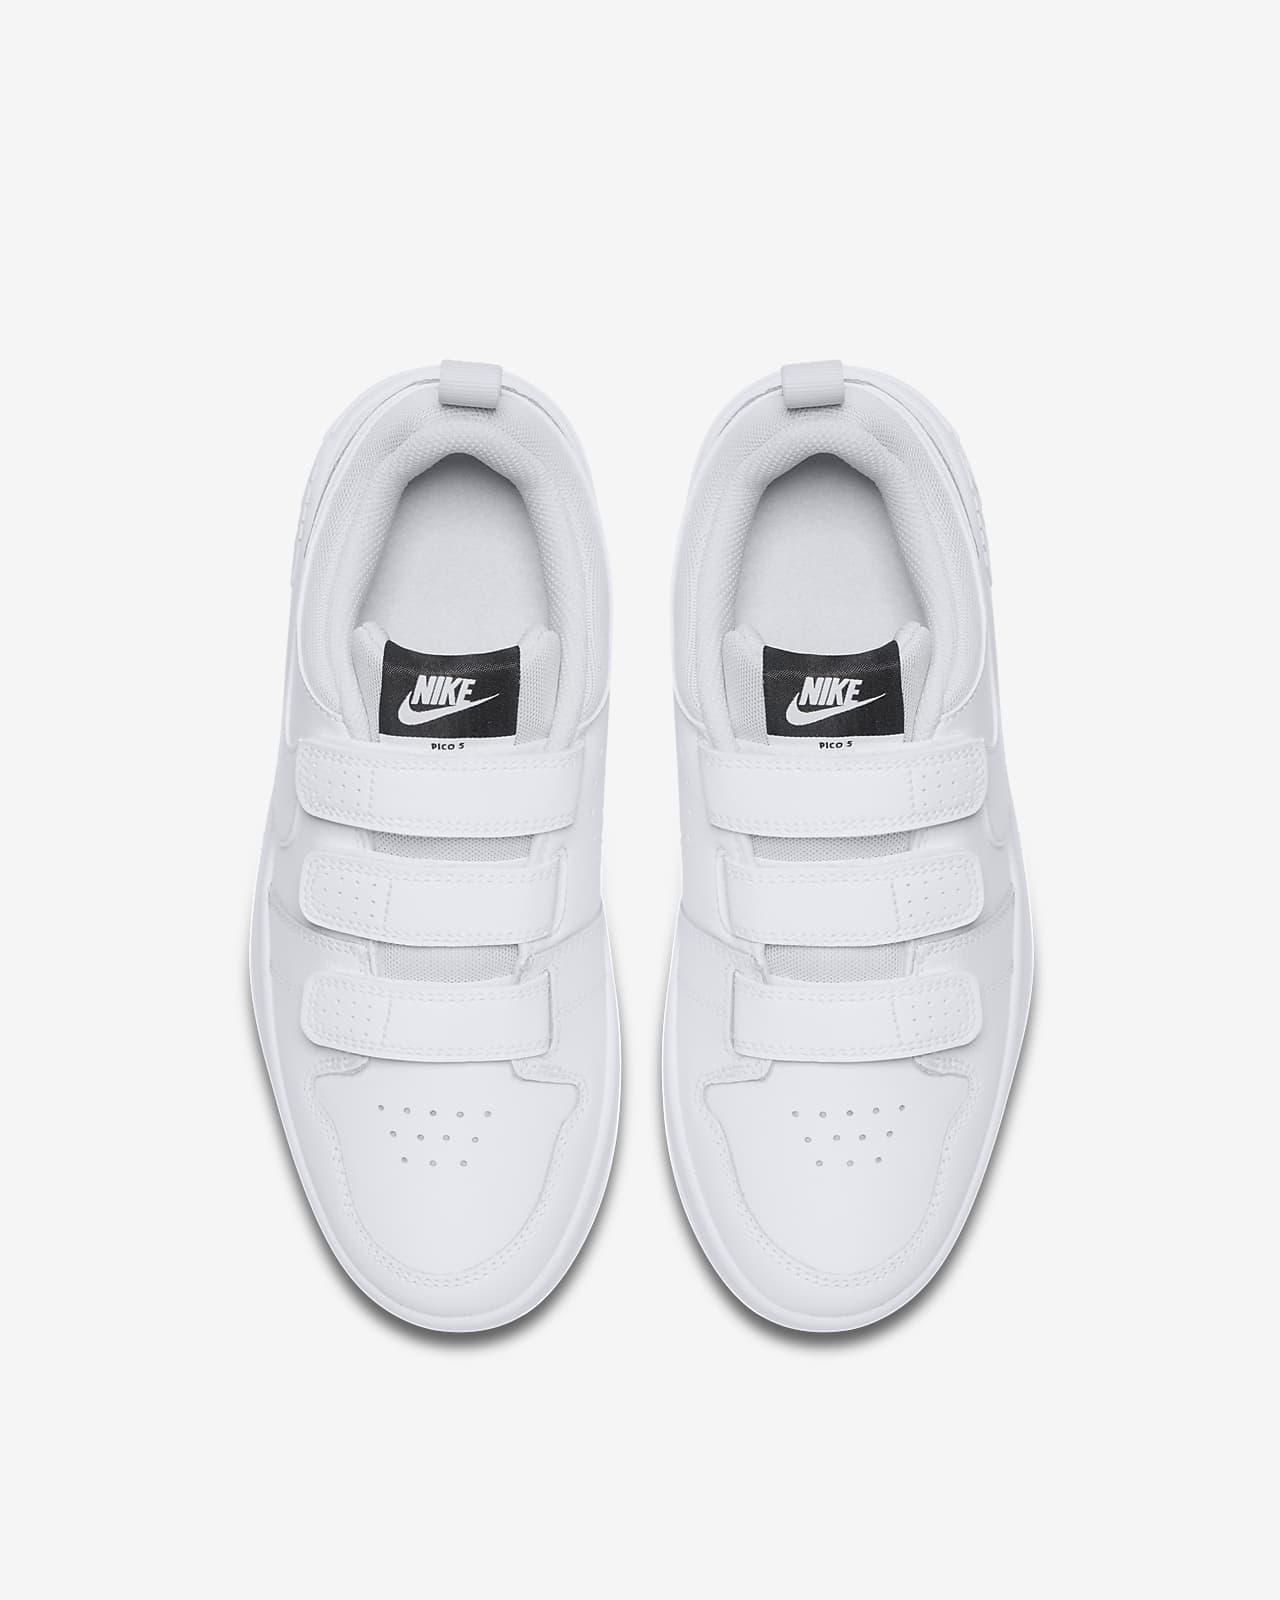 Nike Pico 5 Older Kids' Shoe. Nike PH